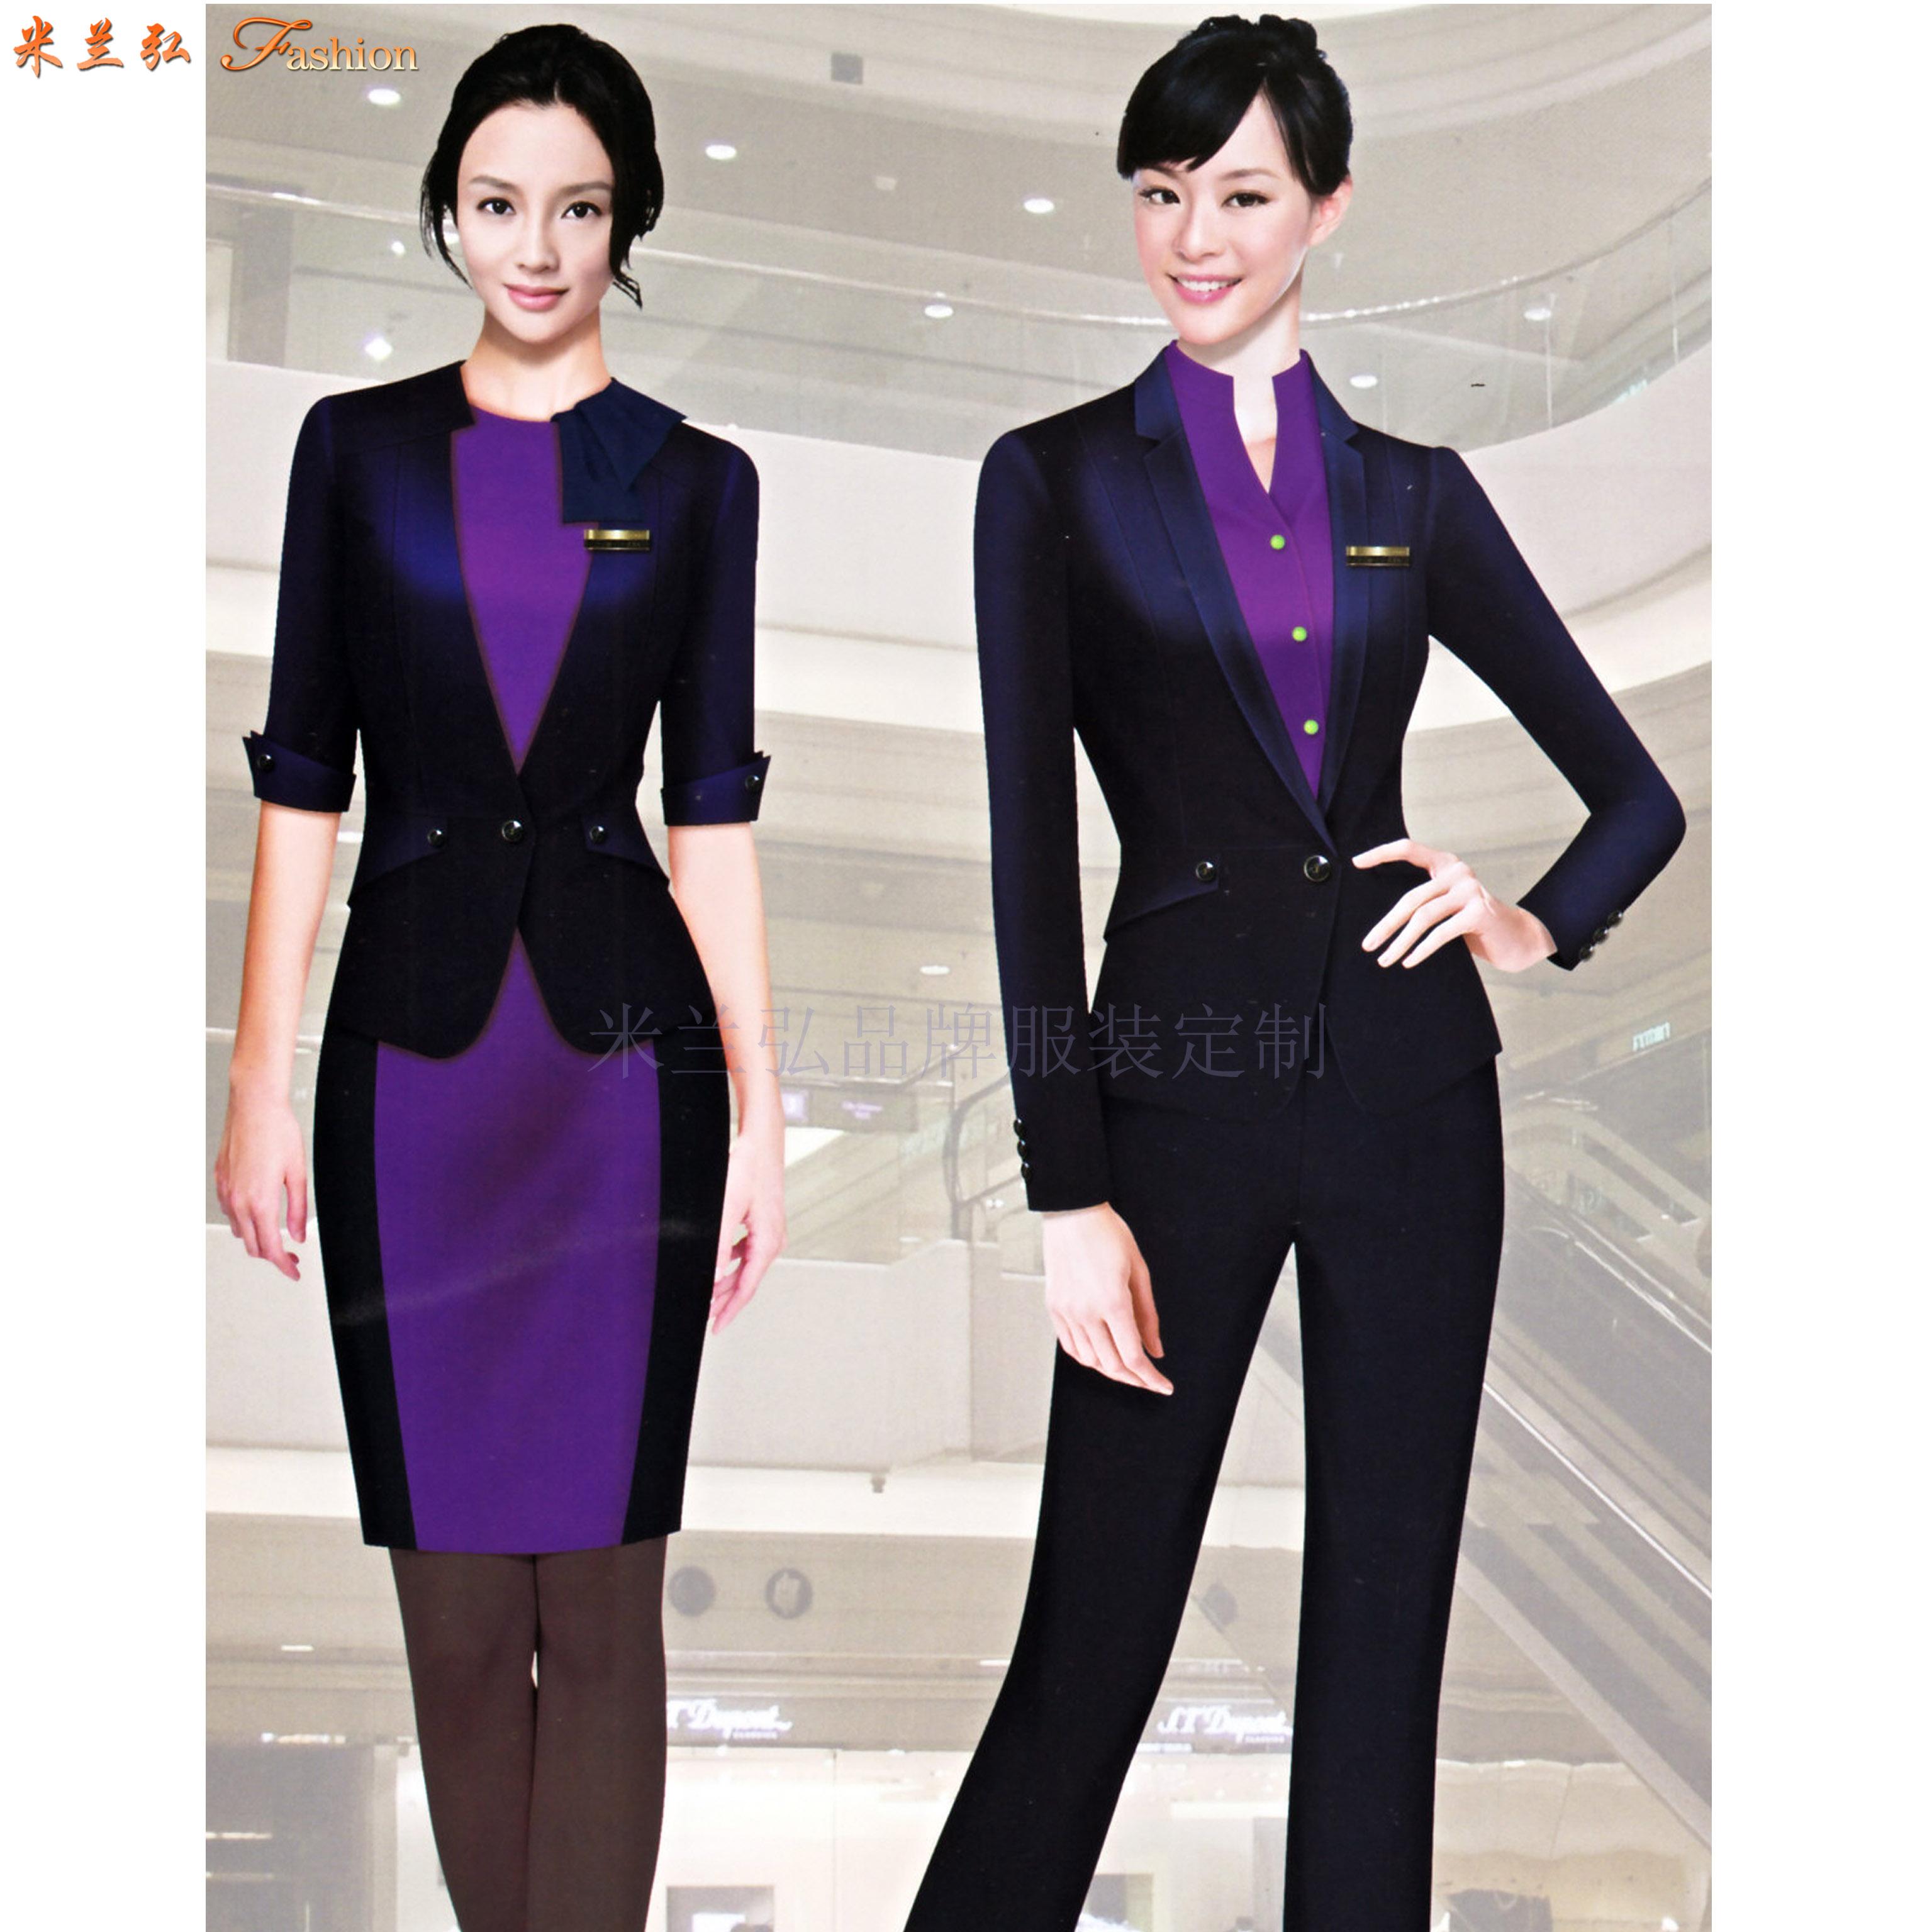 廣東職業裝定做-新穎潮流職業裝訂制-米蘭弘服裝-5